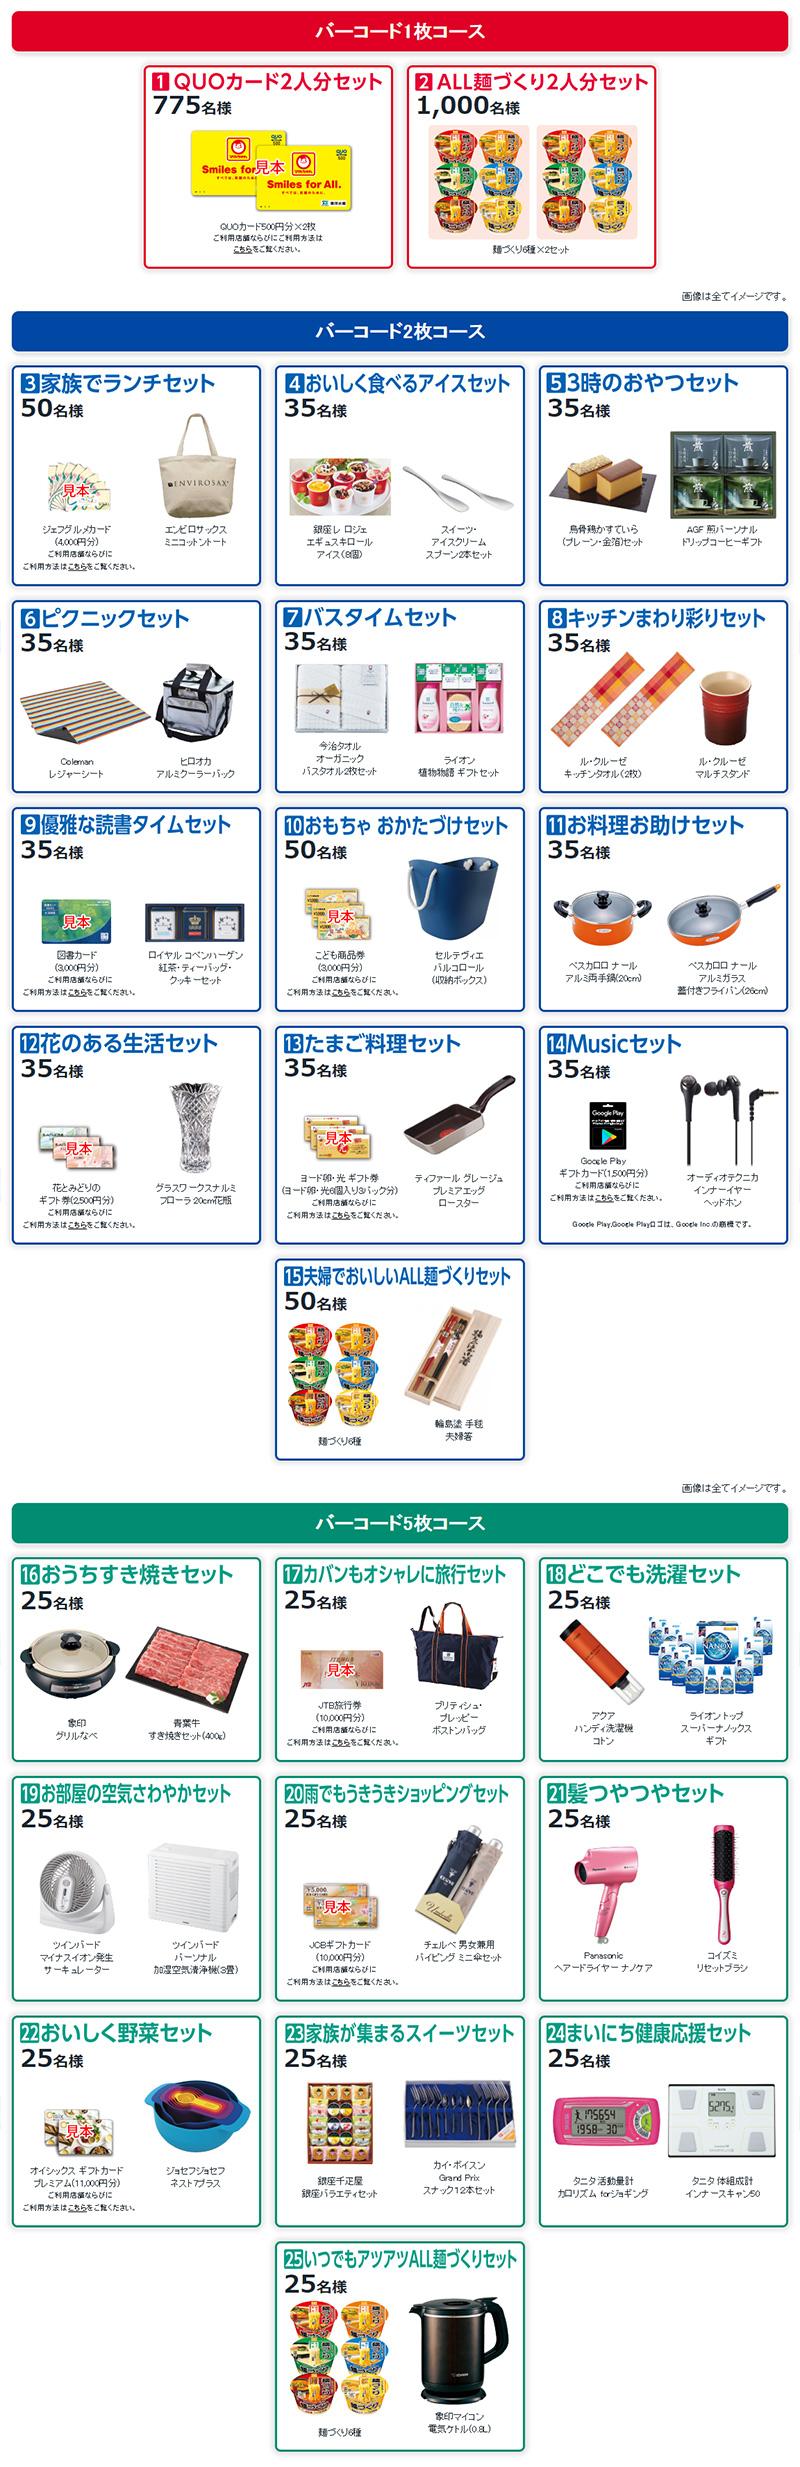 マルちゃん 麺づくり 2017秋冬懸賞キャンペーン プレゼント懸賞品